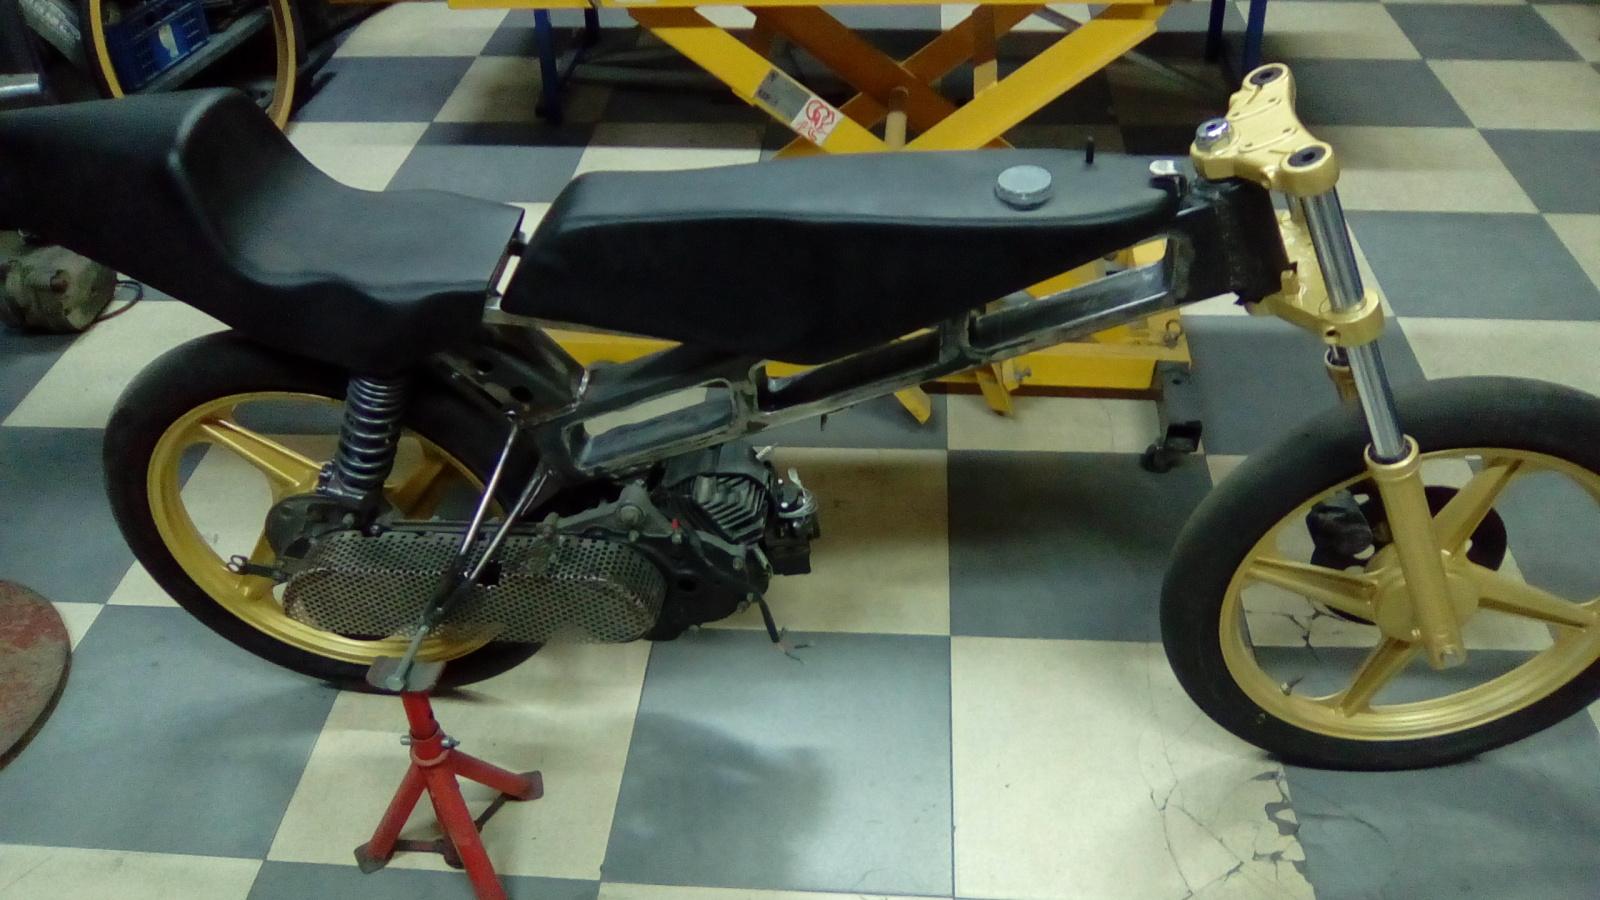 Proyecto Vespino de 65 cc. de Velocidad. - Página 4 359ei37